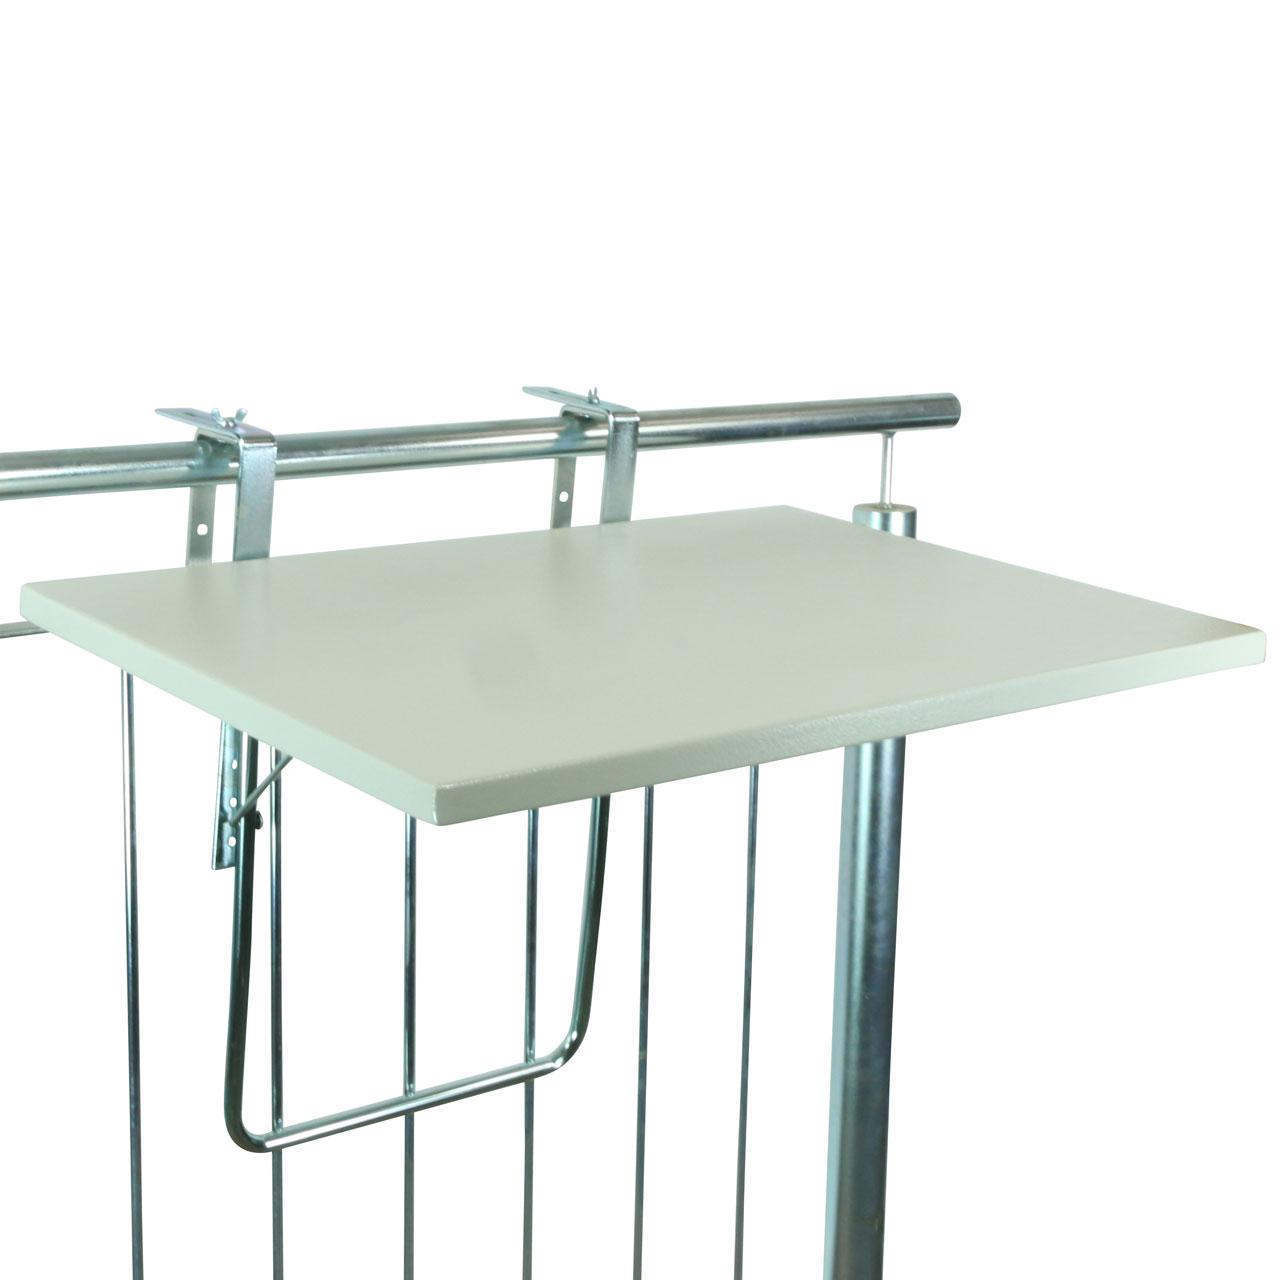 Videx balkonklapptisch werzalitplatte 50 x 70 cm grau for Wohnzimmertisch 70 x 50